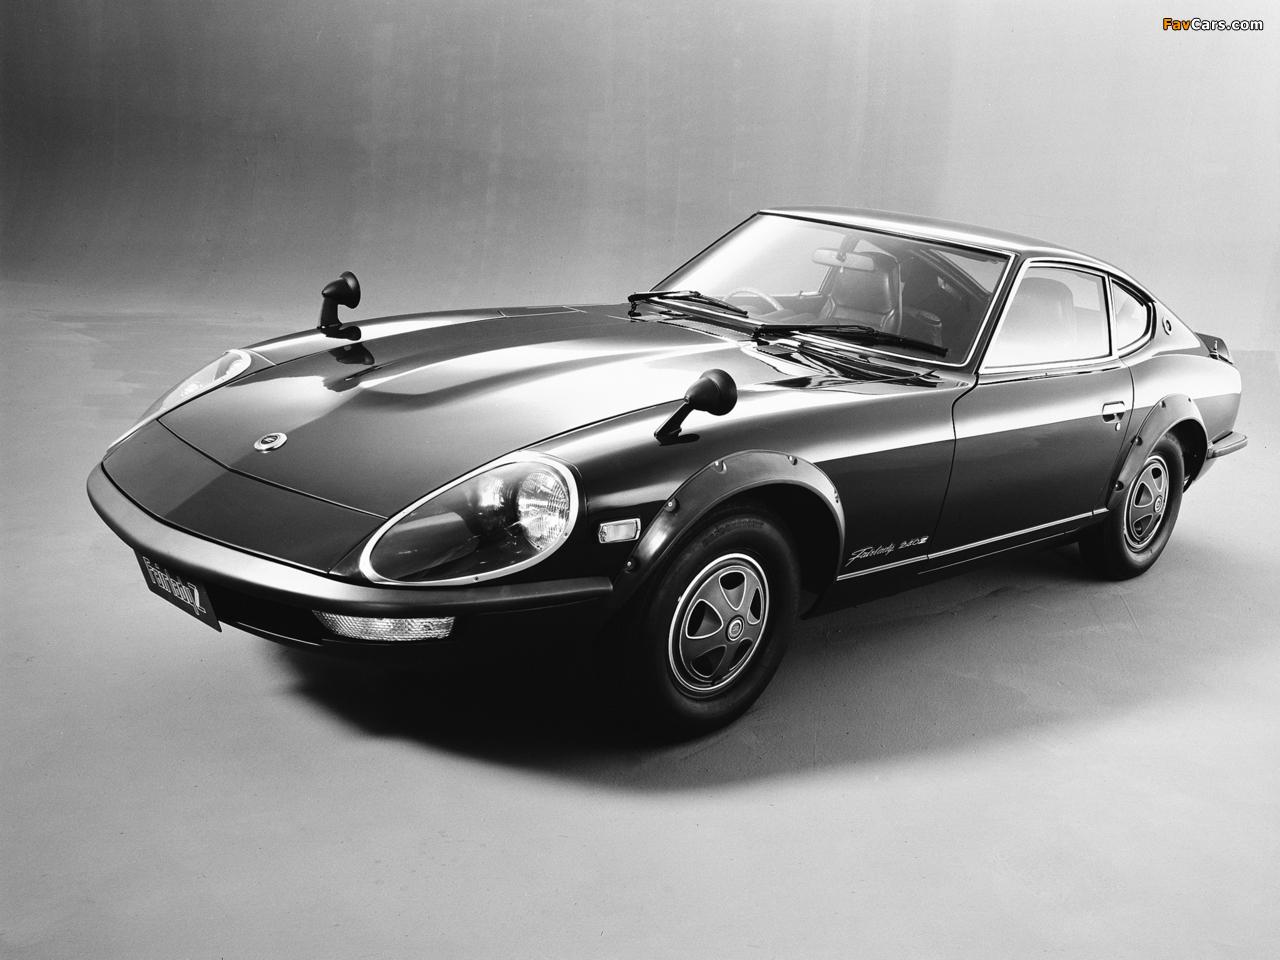 Nissan Fairlady 240z G Hs30 1971 73 Images 1280x960